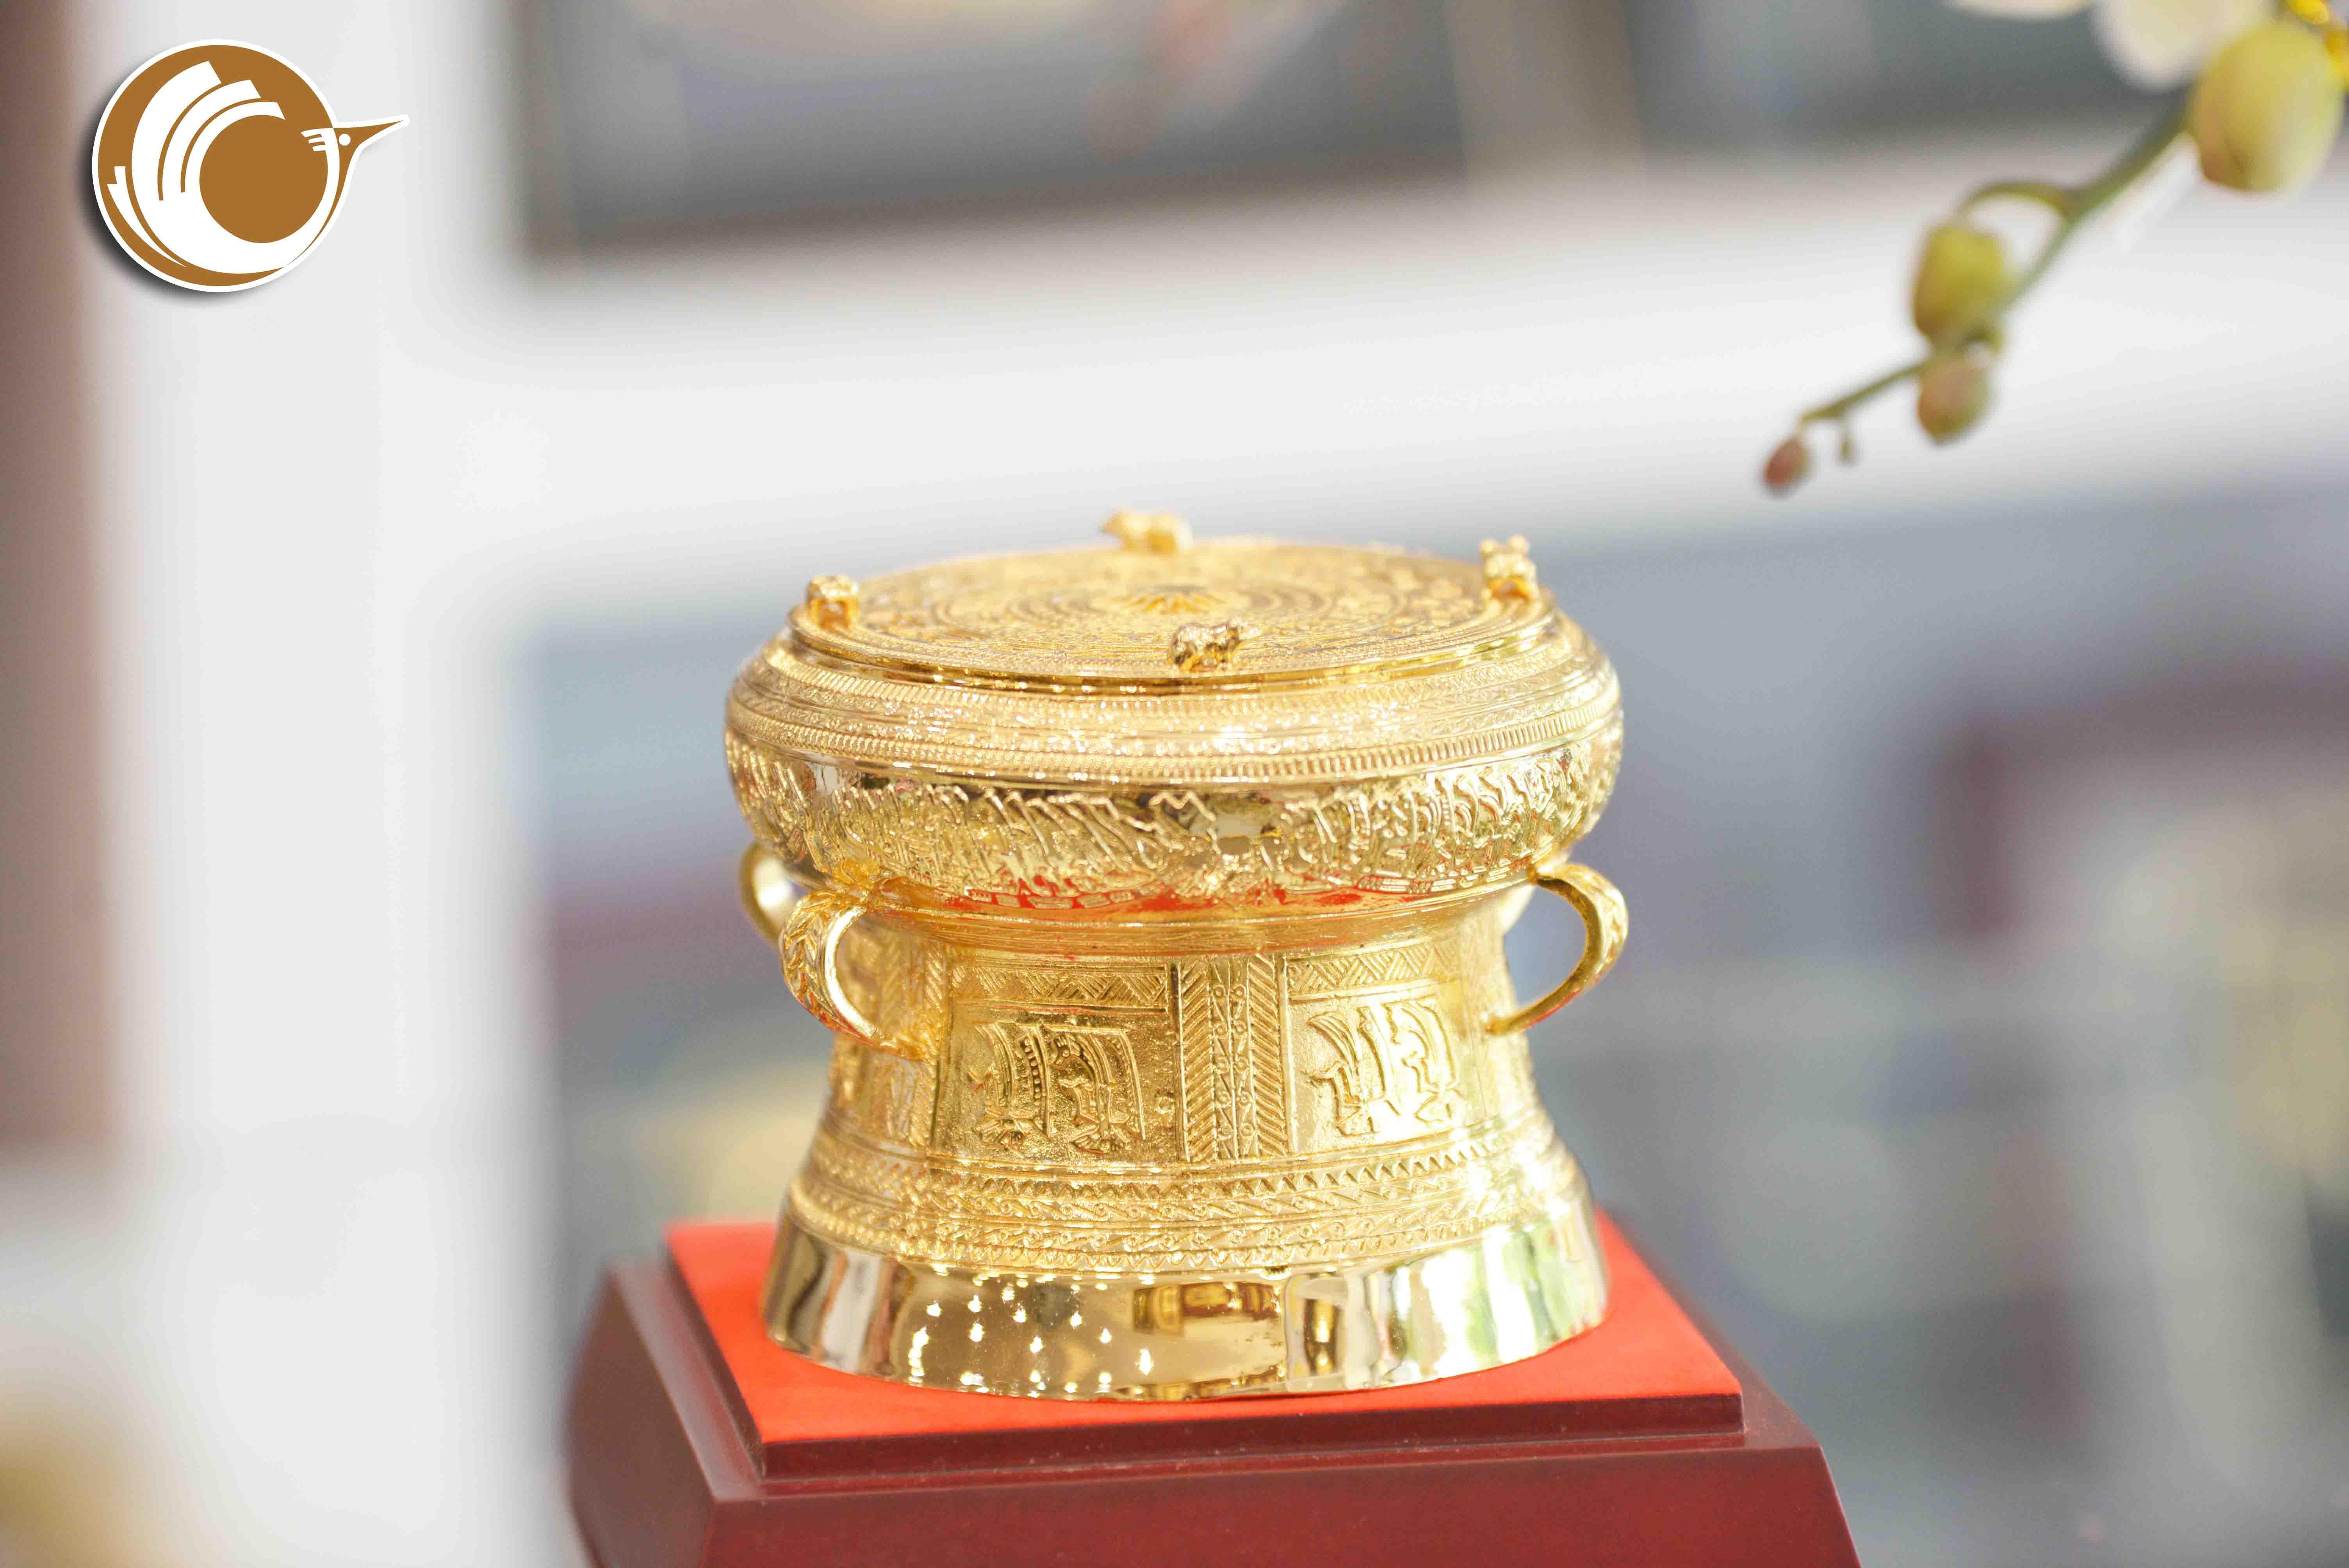 Trống đồng quà tặng đường kính 7cm- giá bán trống đồng lưu niệm cỡ nhỏ